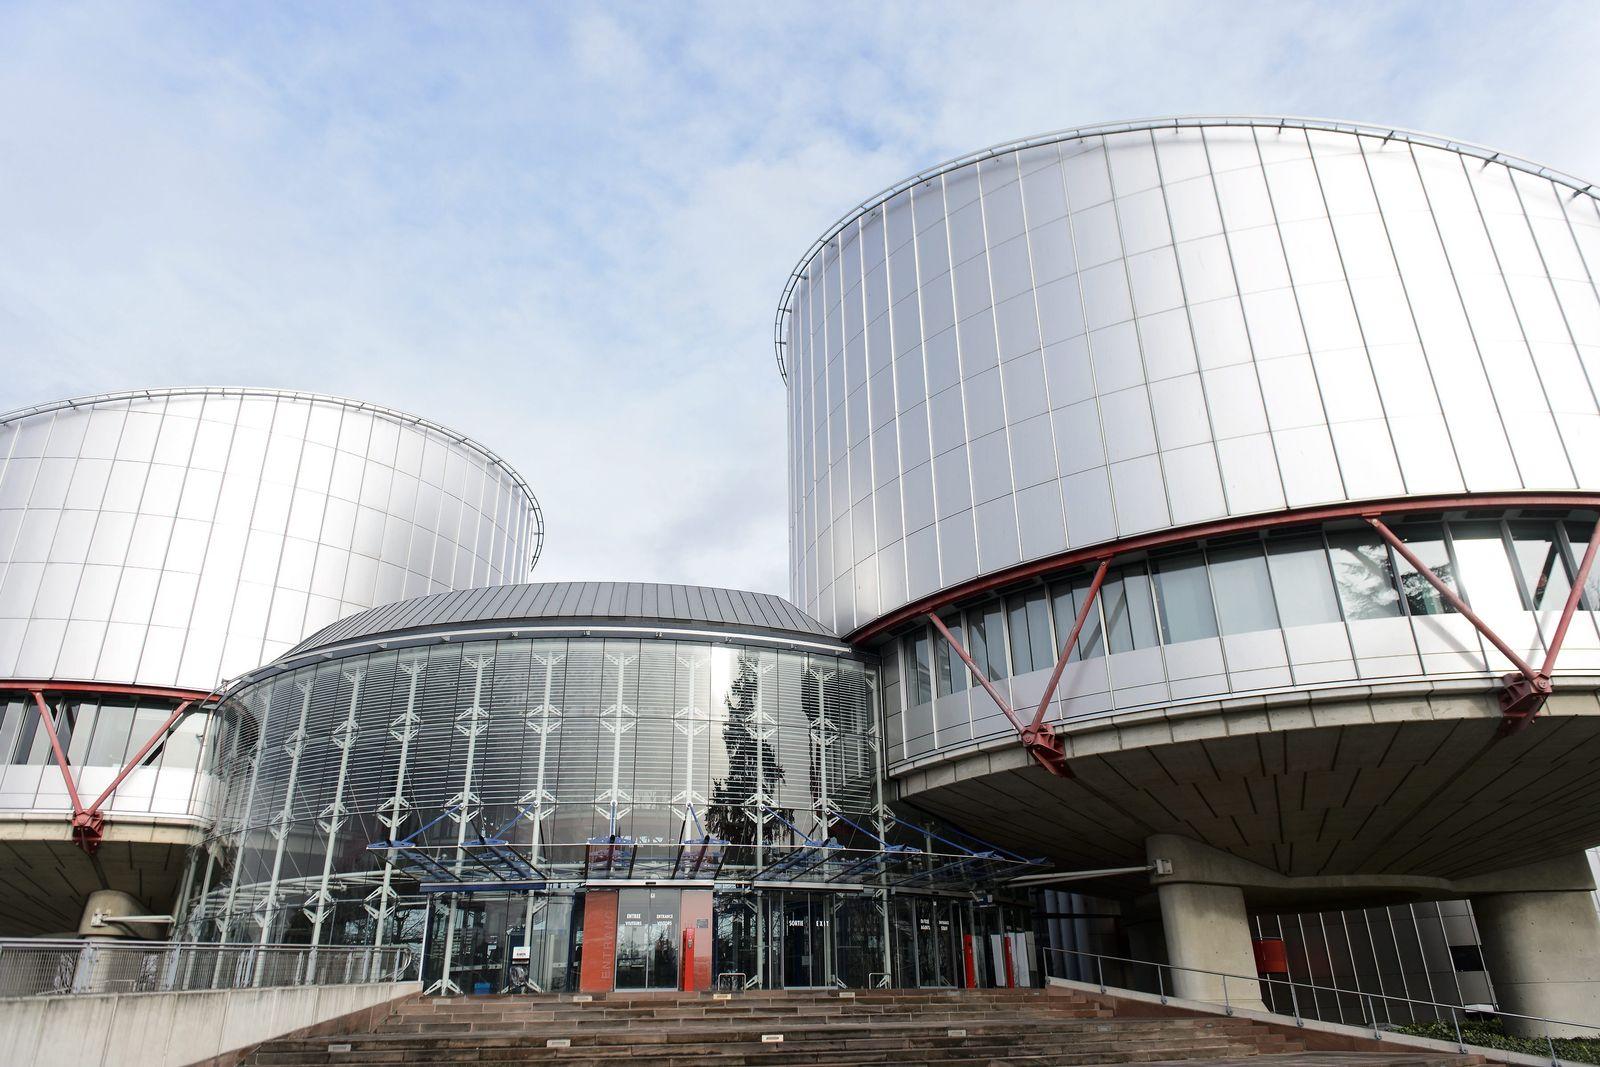 EGMR / Europischer Gerichtshof fr Menschenrechte